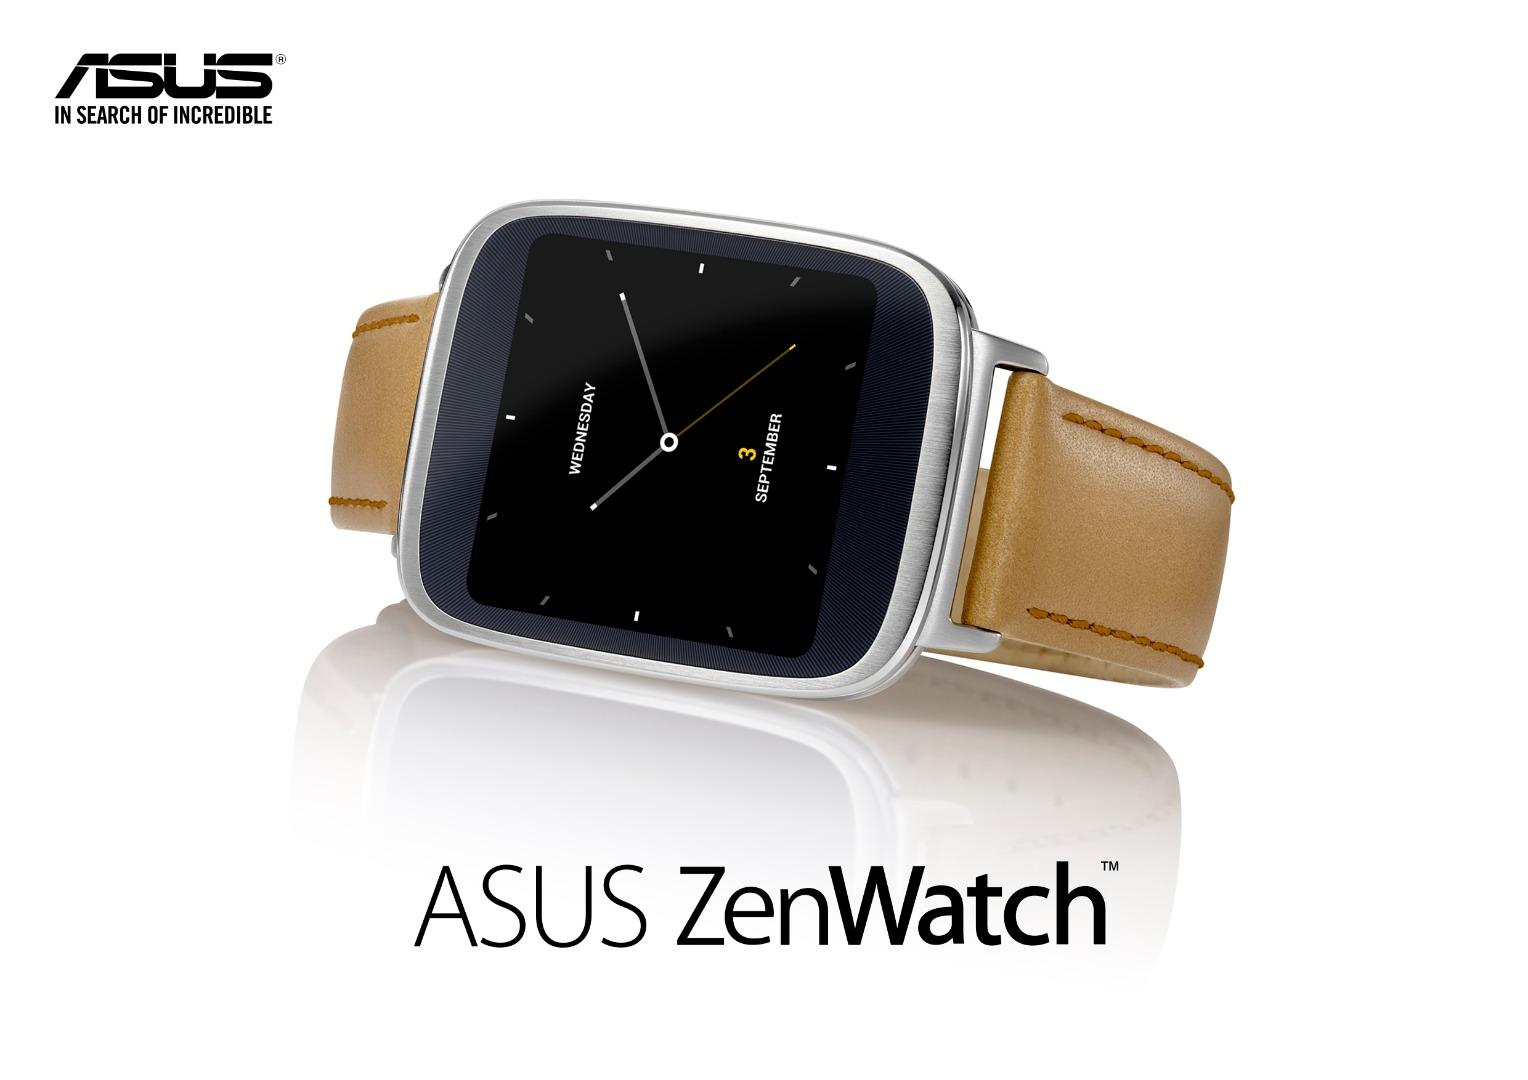 Asus ZenWatch : Android Wear, écran incurvé et bracelet cuir pour 200 euros